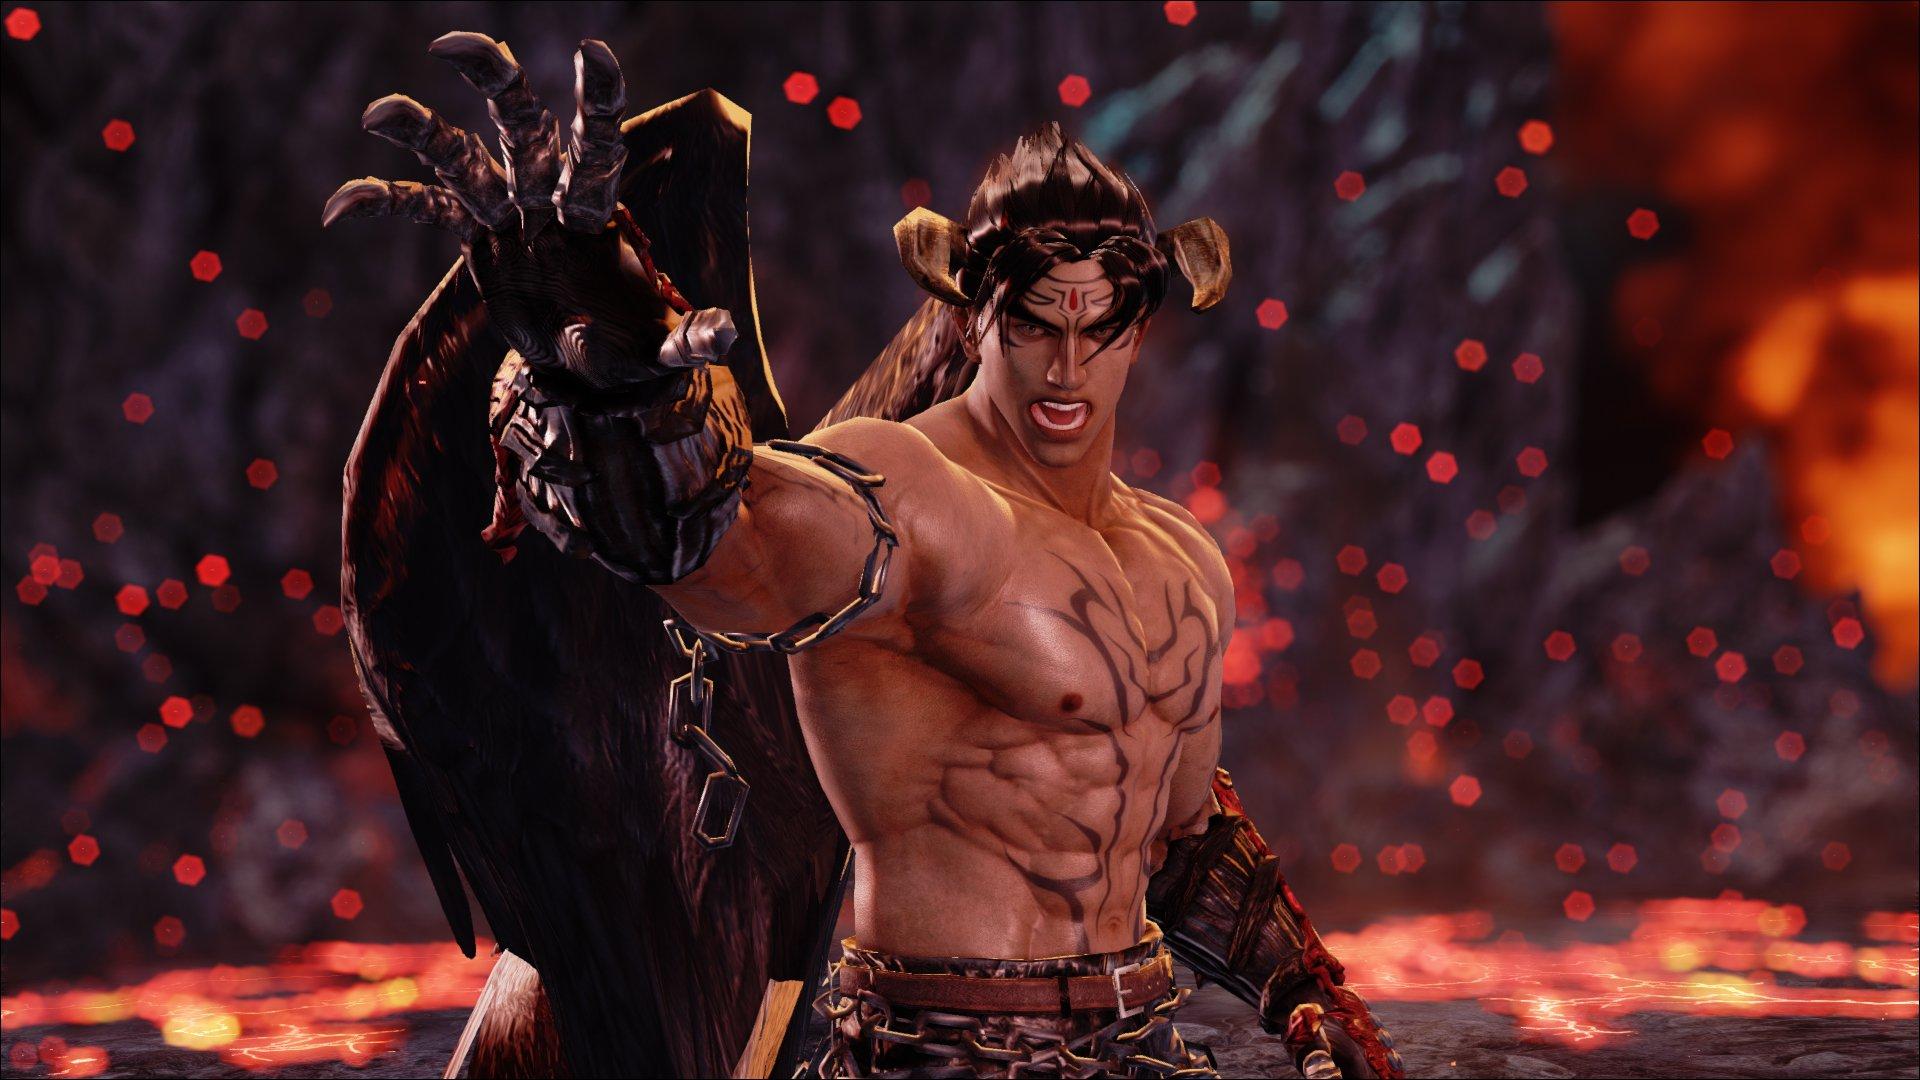 Tekken 7 has sold almost 2 million units already 1